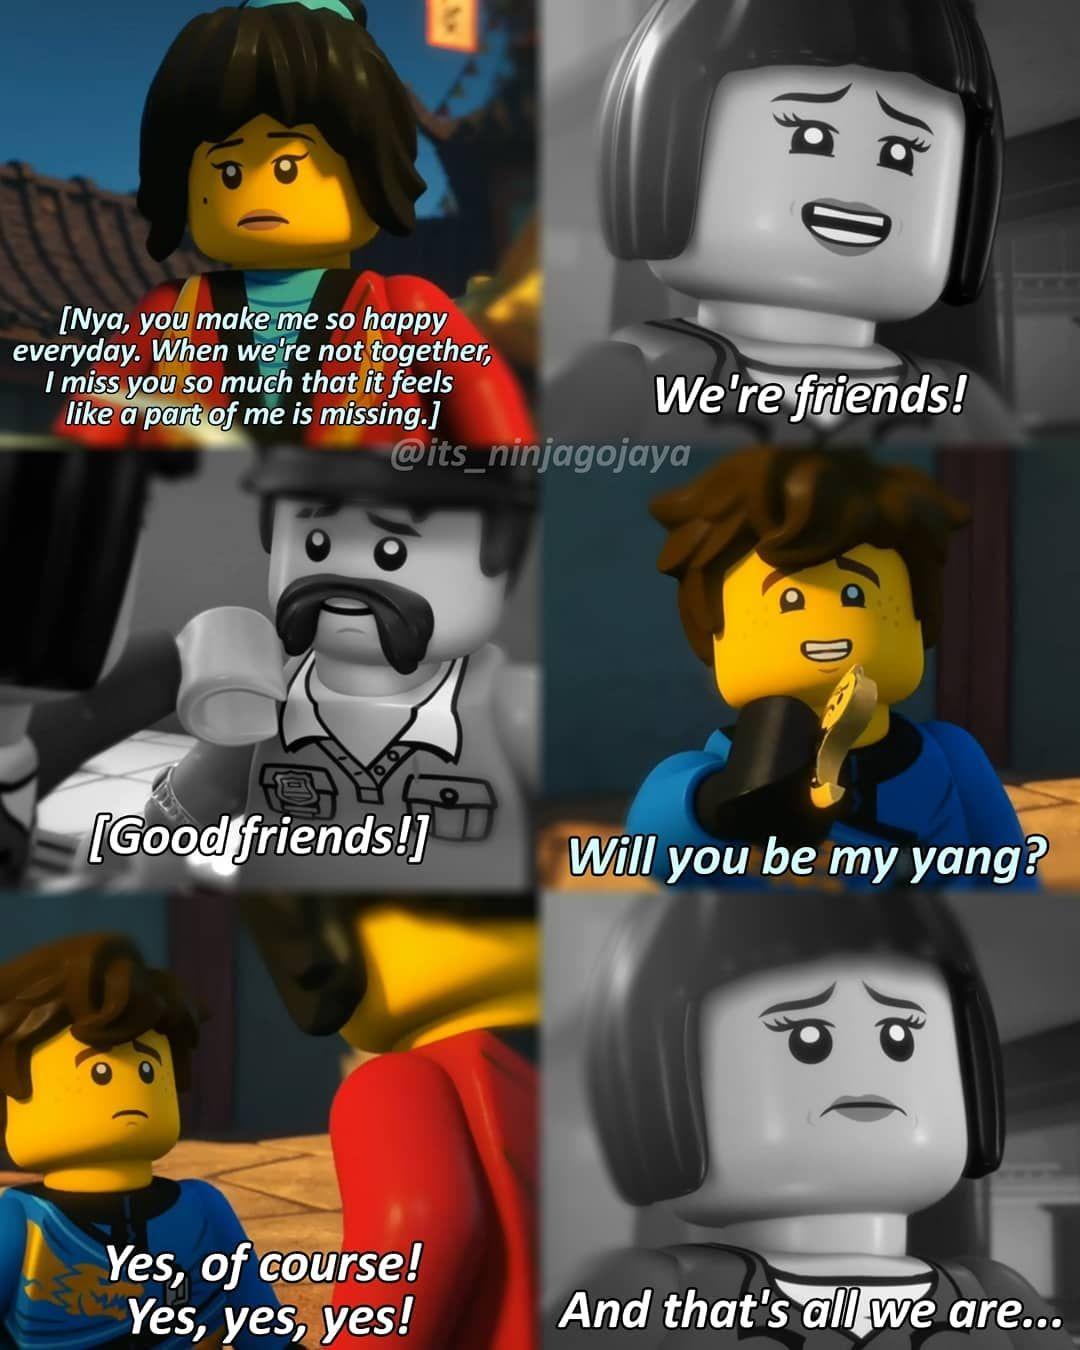 Pin By Ugnė Zilinskaitė On Ninjago In 2020 Lego Ninjago Ninjago